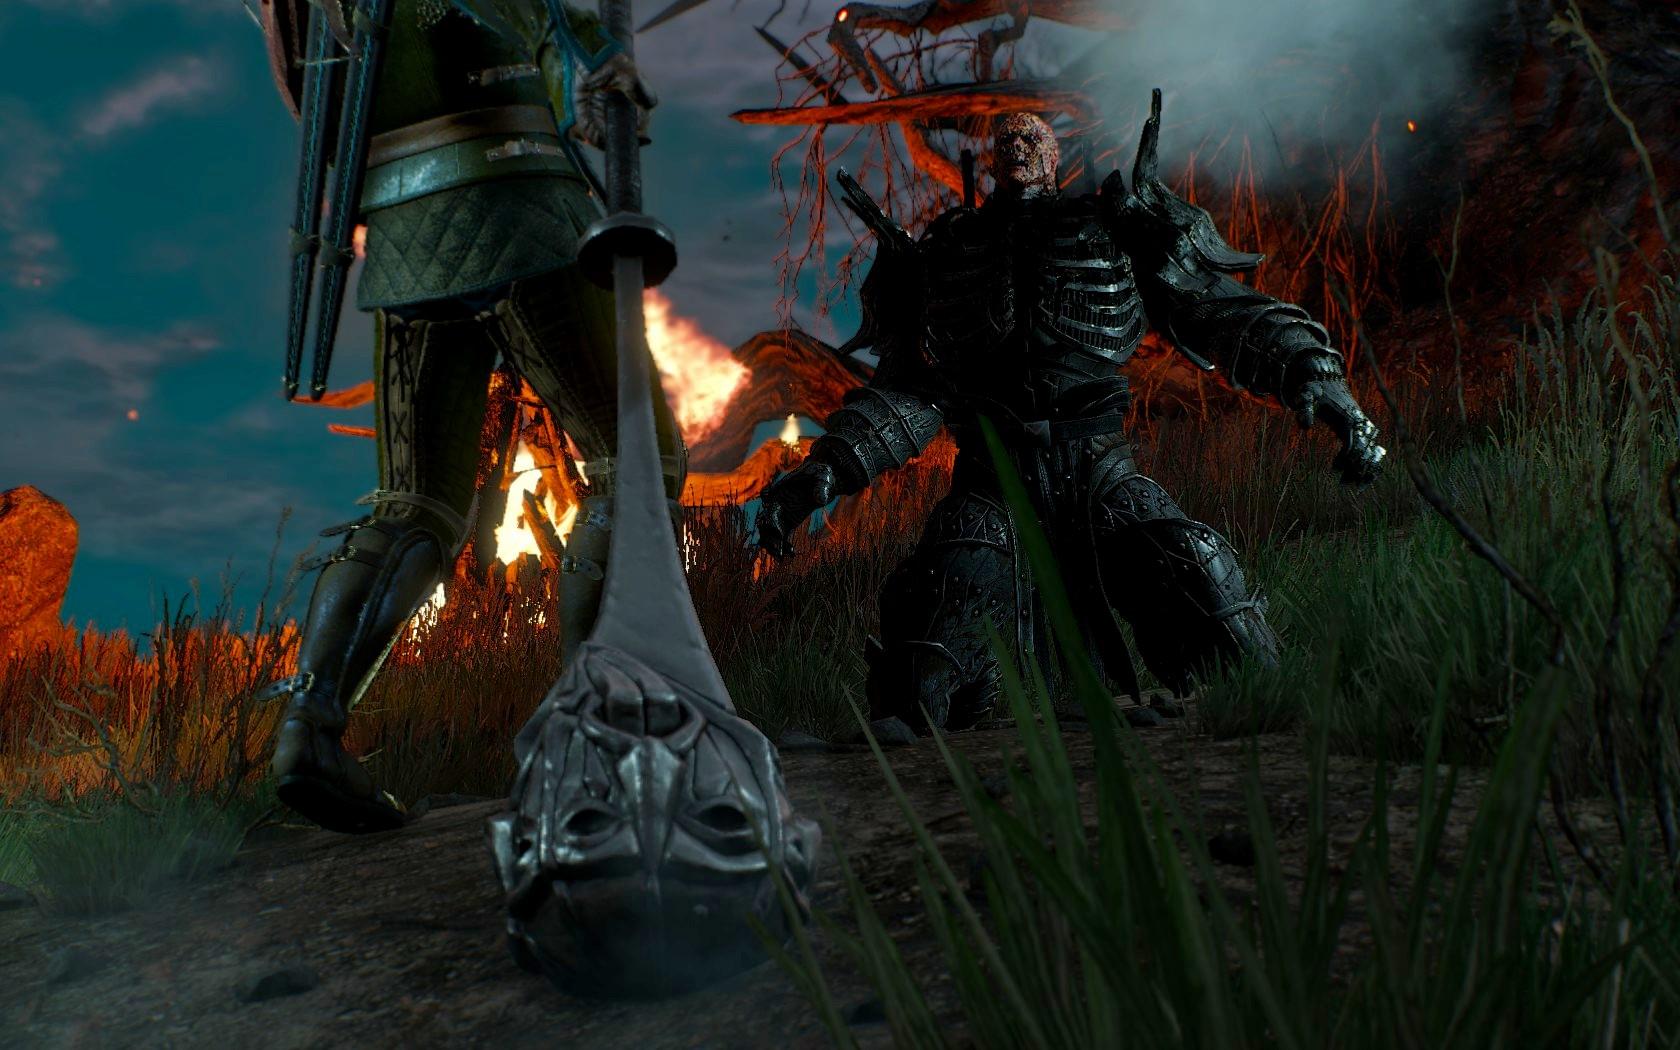 20190220172317_1.jpg - Witcher 3: Wild Hunt, the